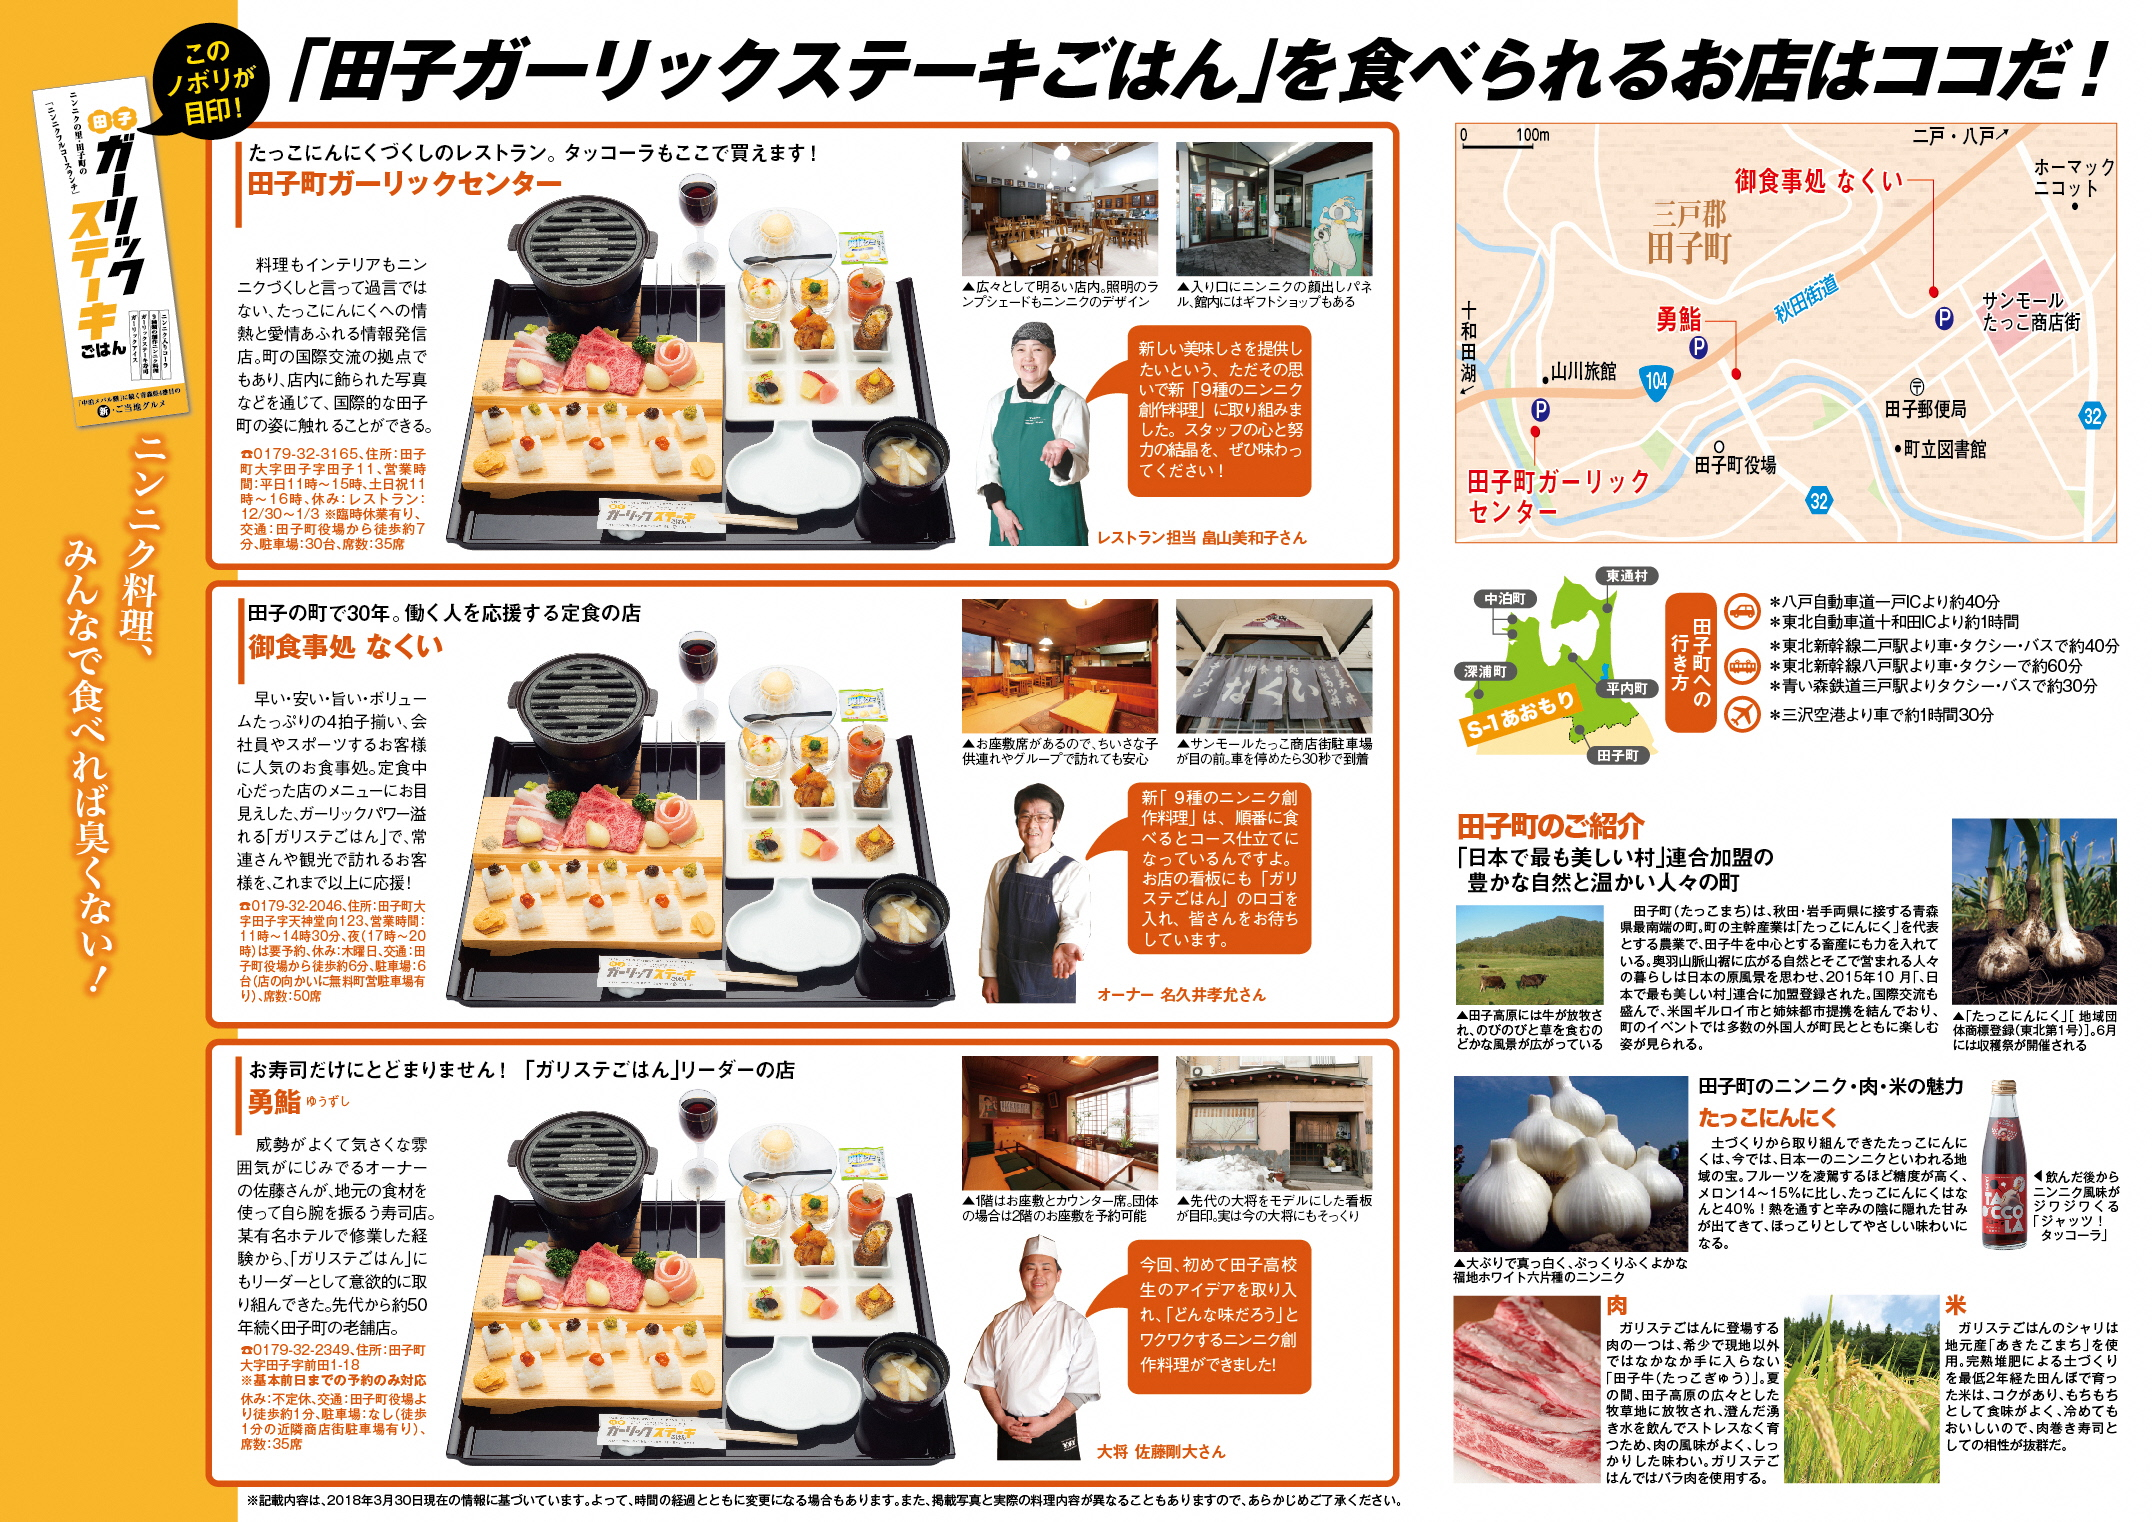 田子ガーリックステーキごはん パンフレット(ウラ)